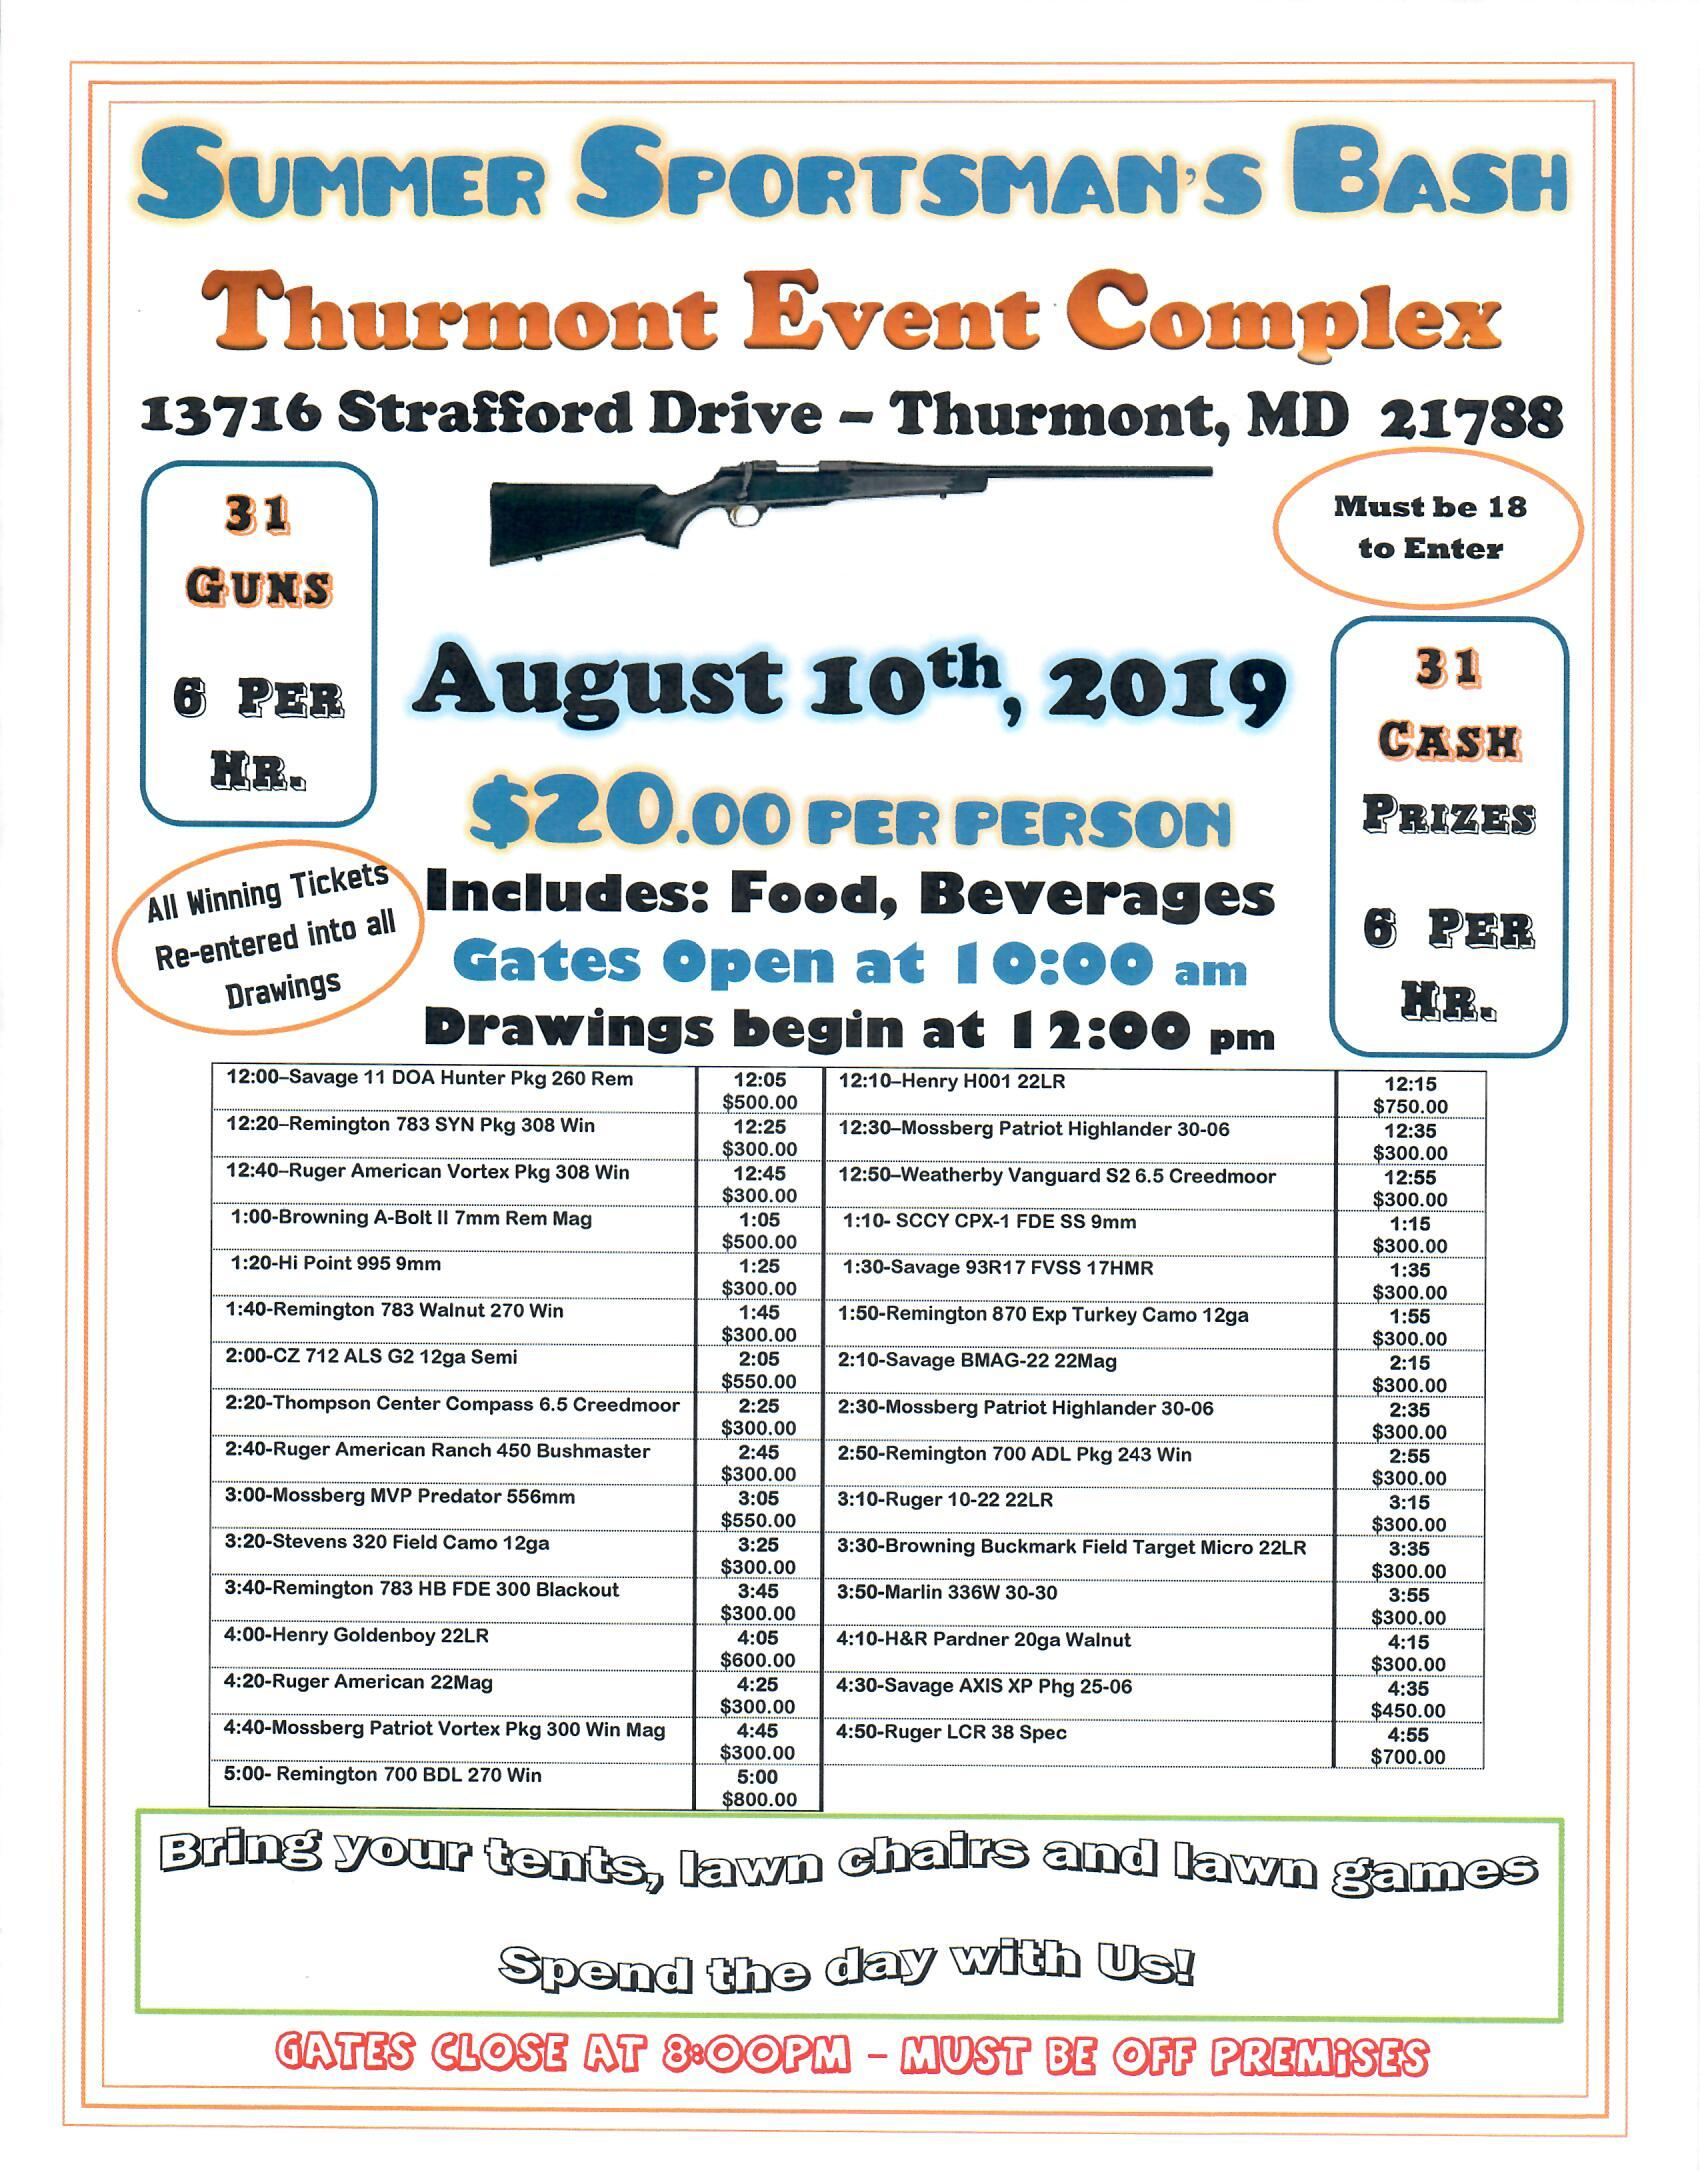 Thurmont Event Complex